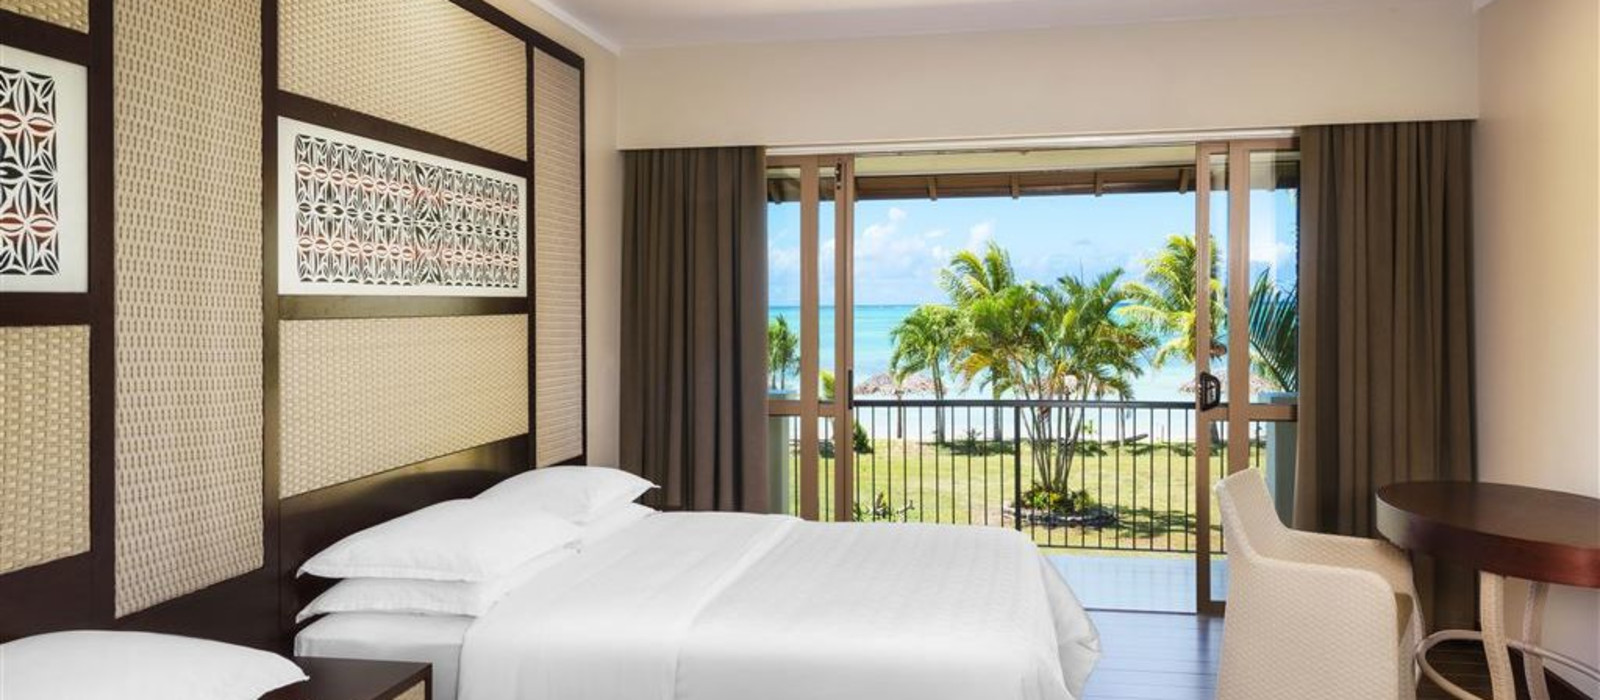 Hotel Sheraton Samoa Beach Resort Samoa